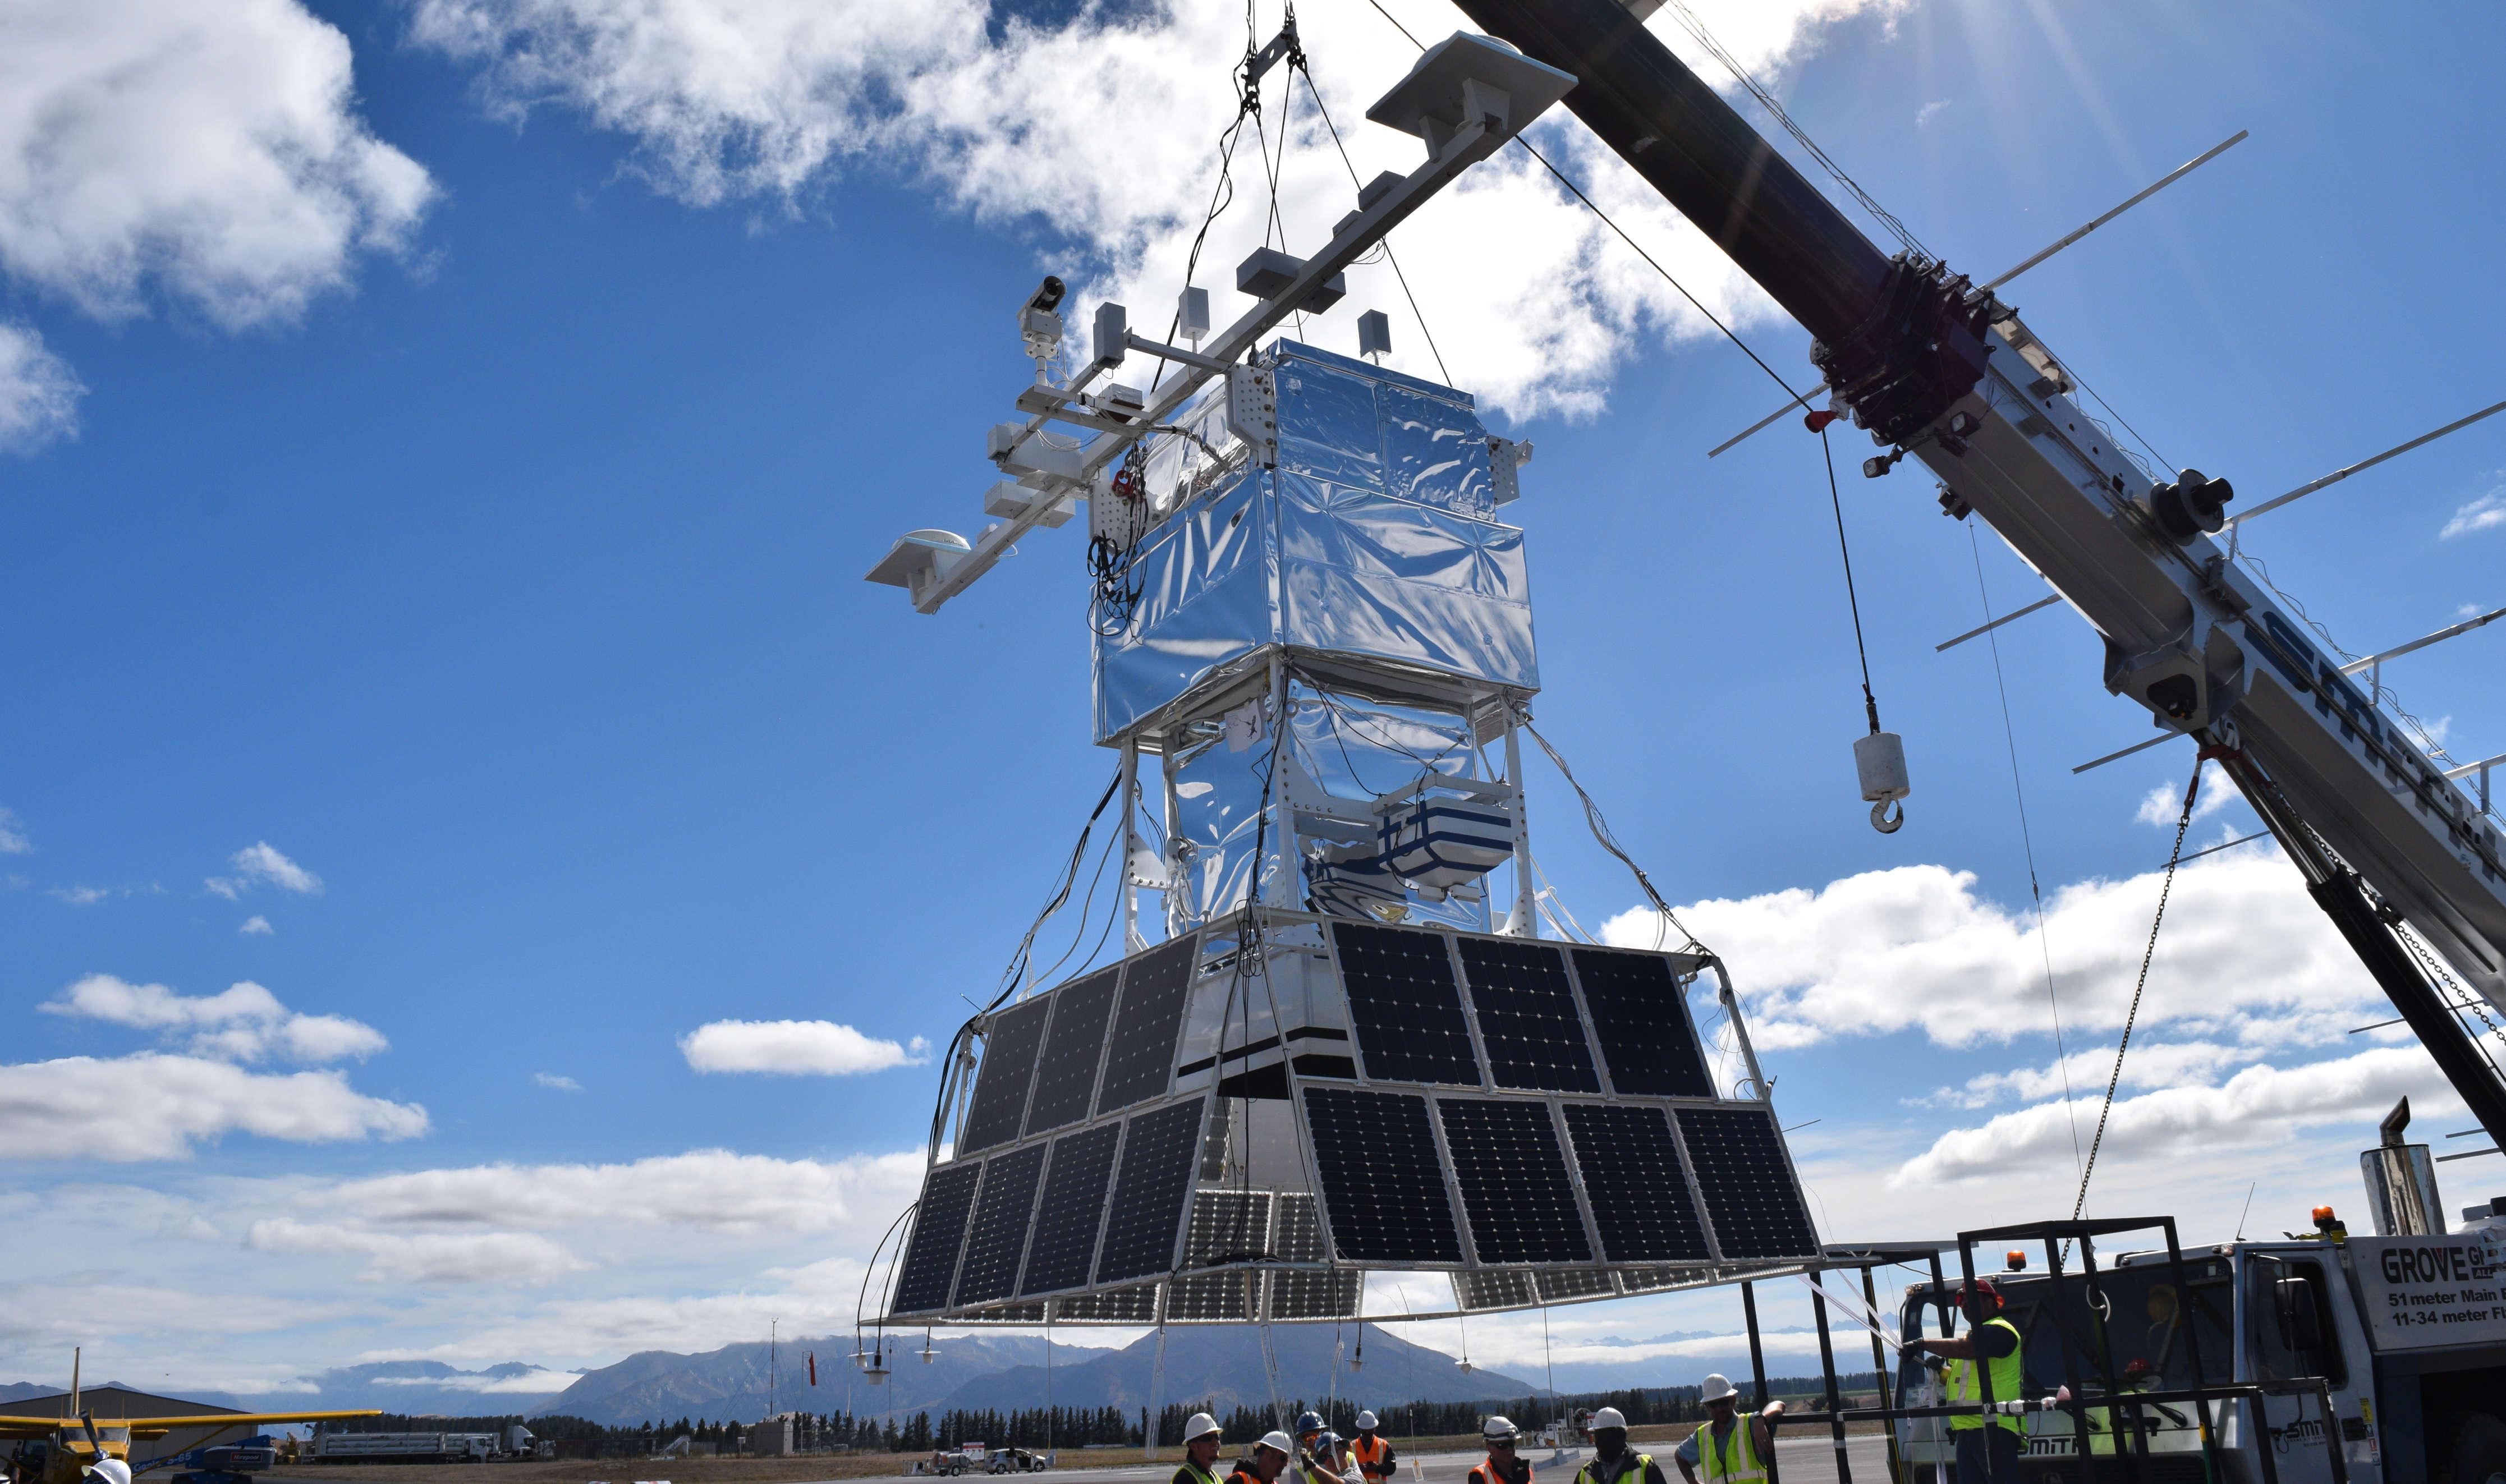 UNIVERSO ESTREMO: LANCIATO IL TEST SU PALLONE DELLA NASA EUSO-SPB